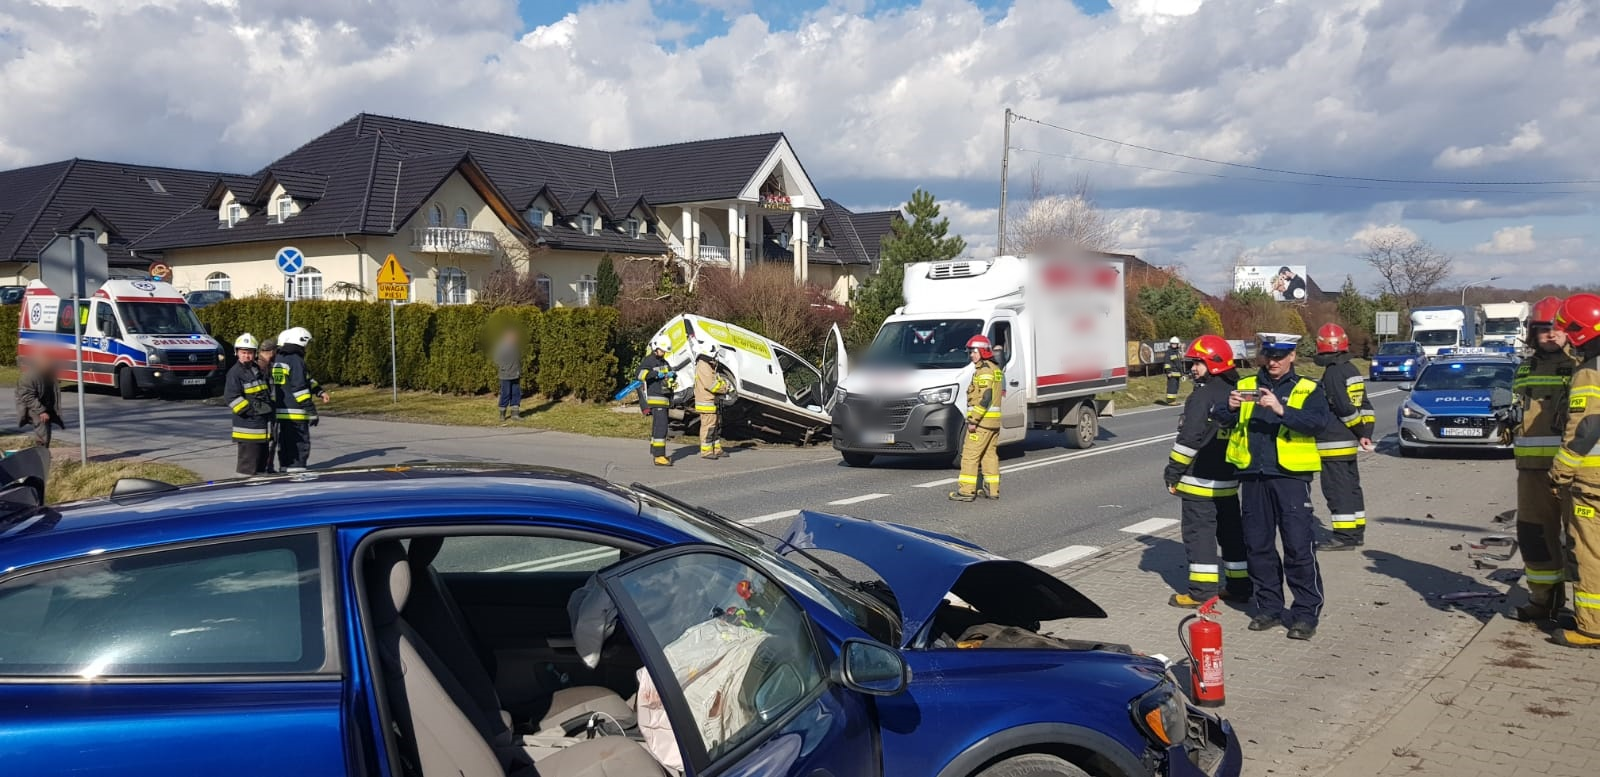 Wypadek na drodze Andrychów - Wadowice, utrudnienia dla kierowców [FOTO]